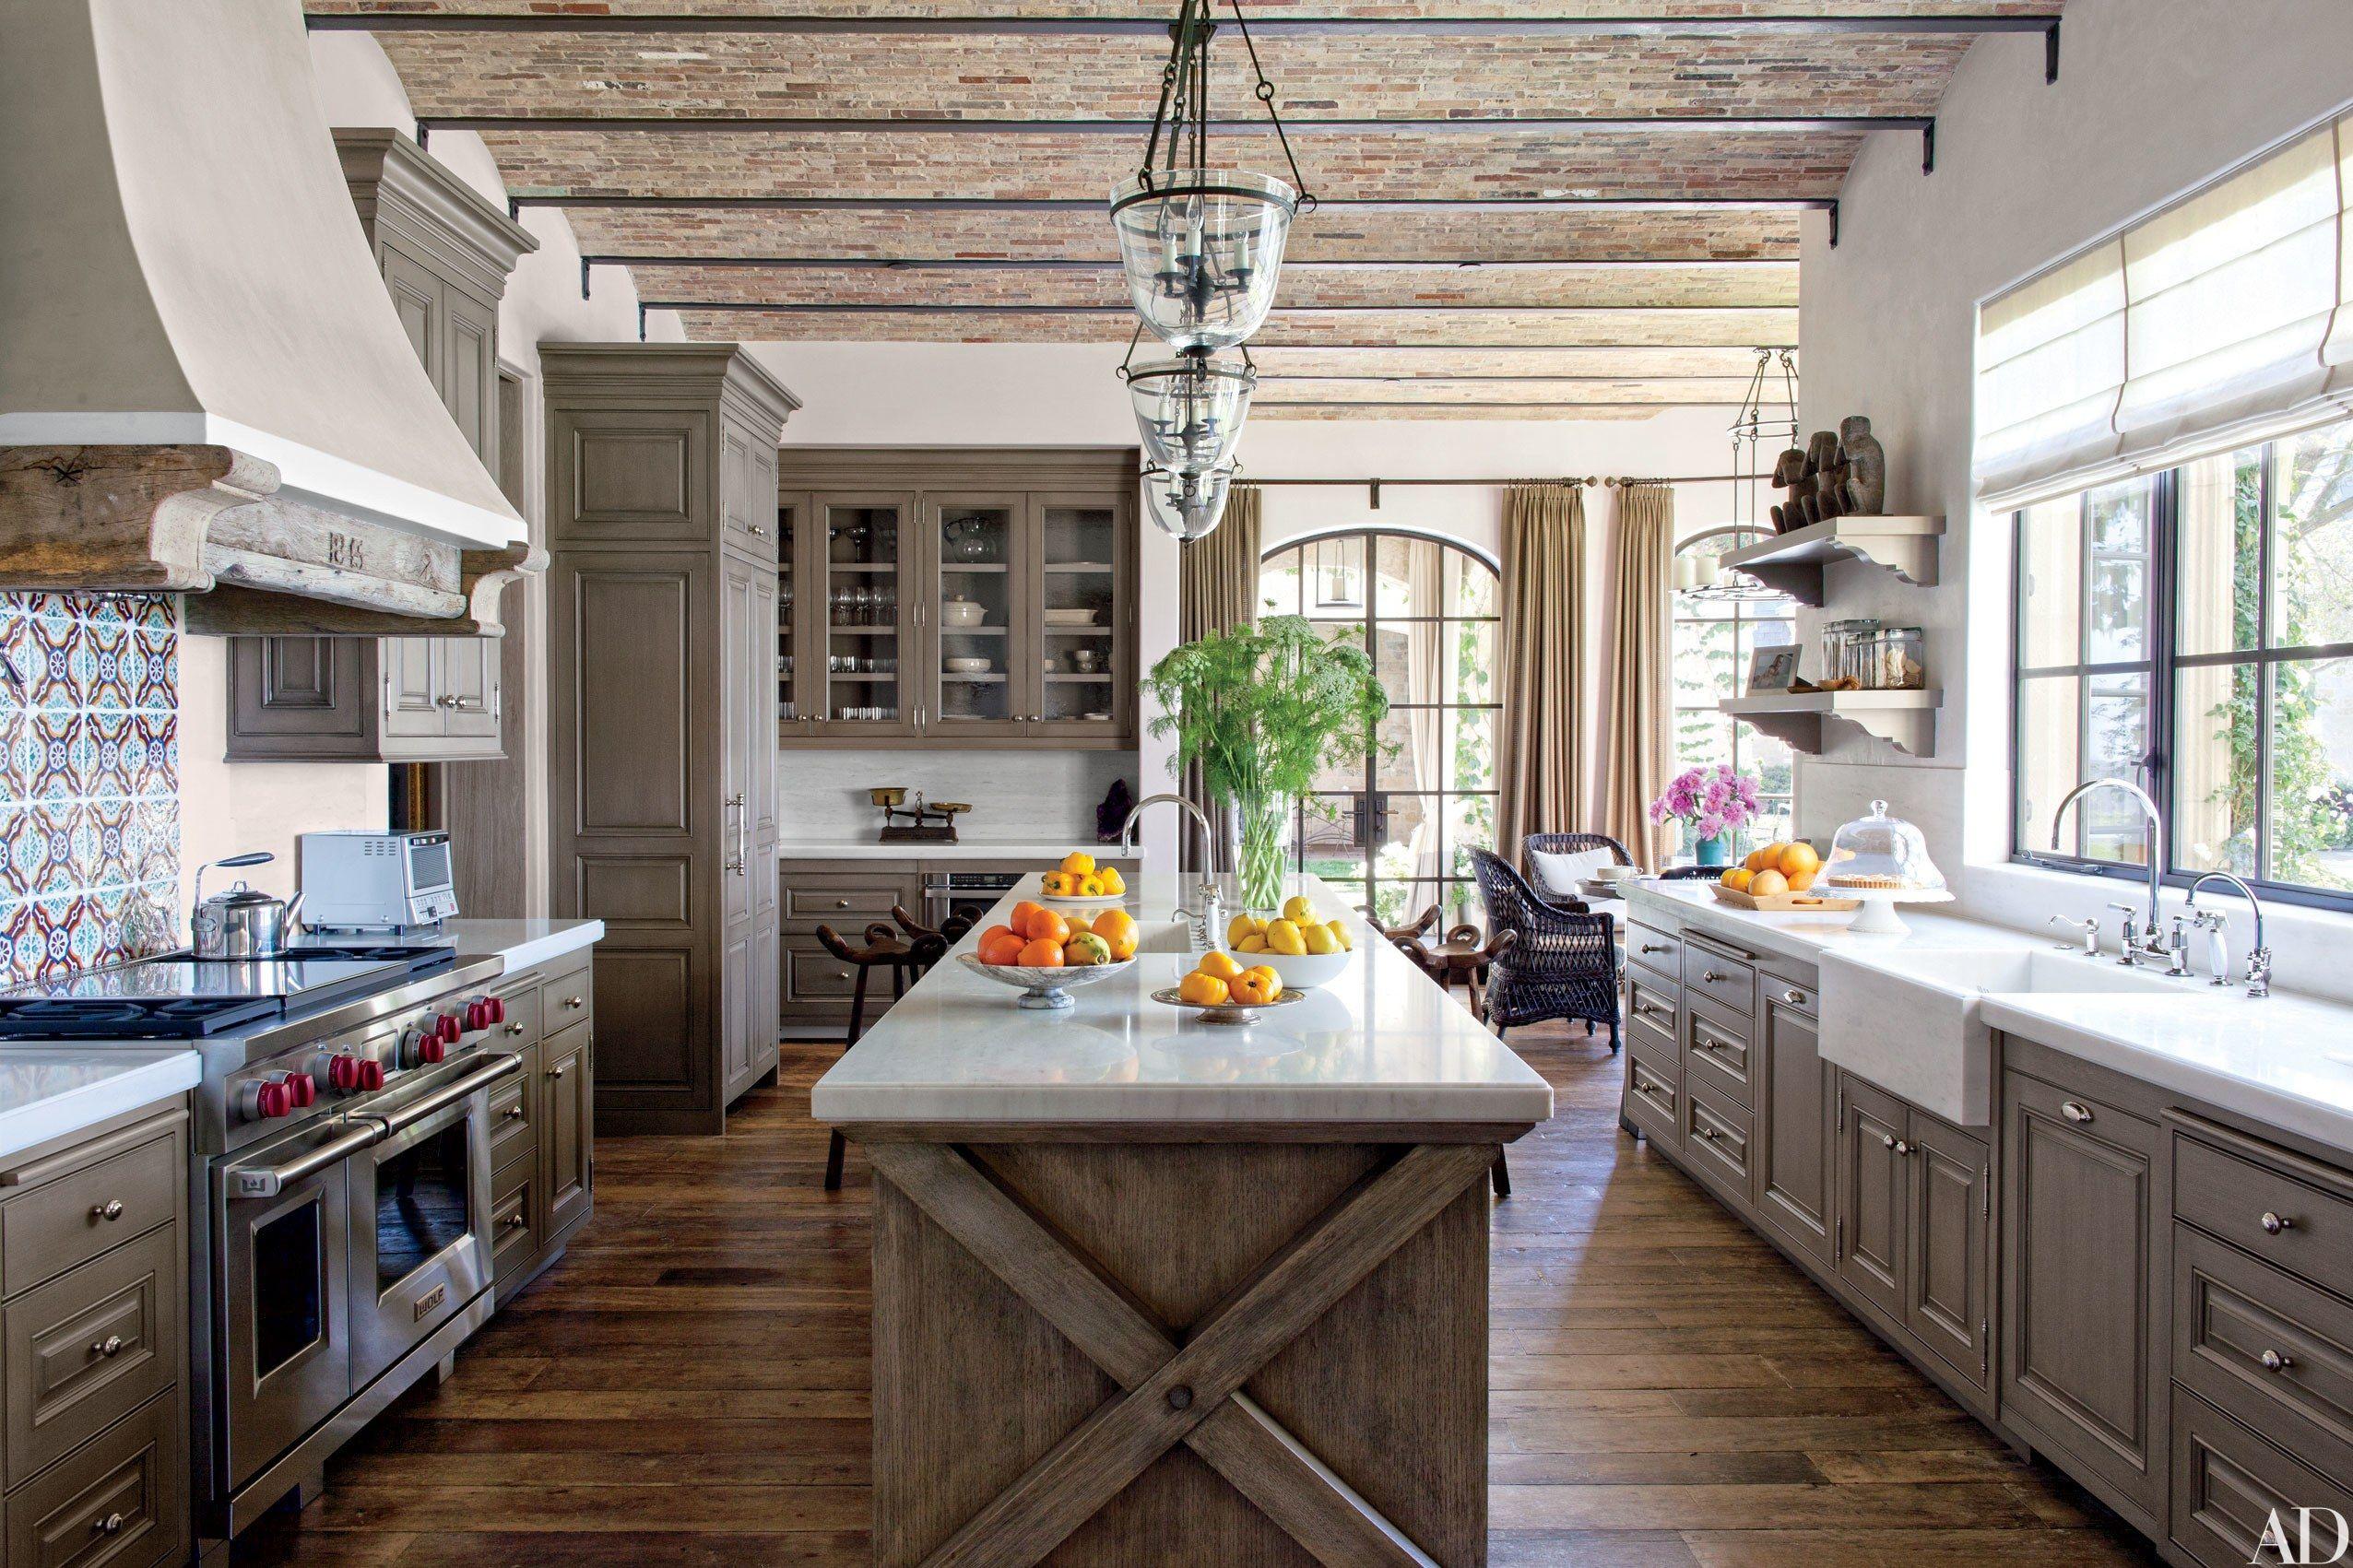 28 stunning kitchen island ideas modern farmhouse kitchens rustic kitchen farmhouse kitchen on kitchen ideas with island id=47775